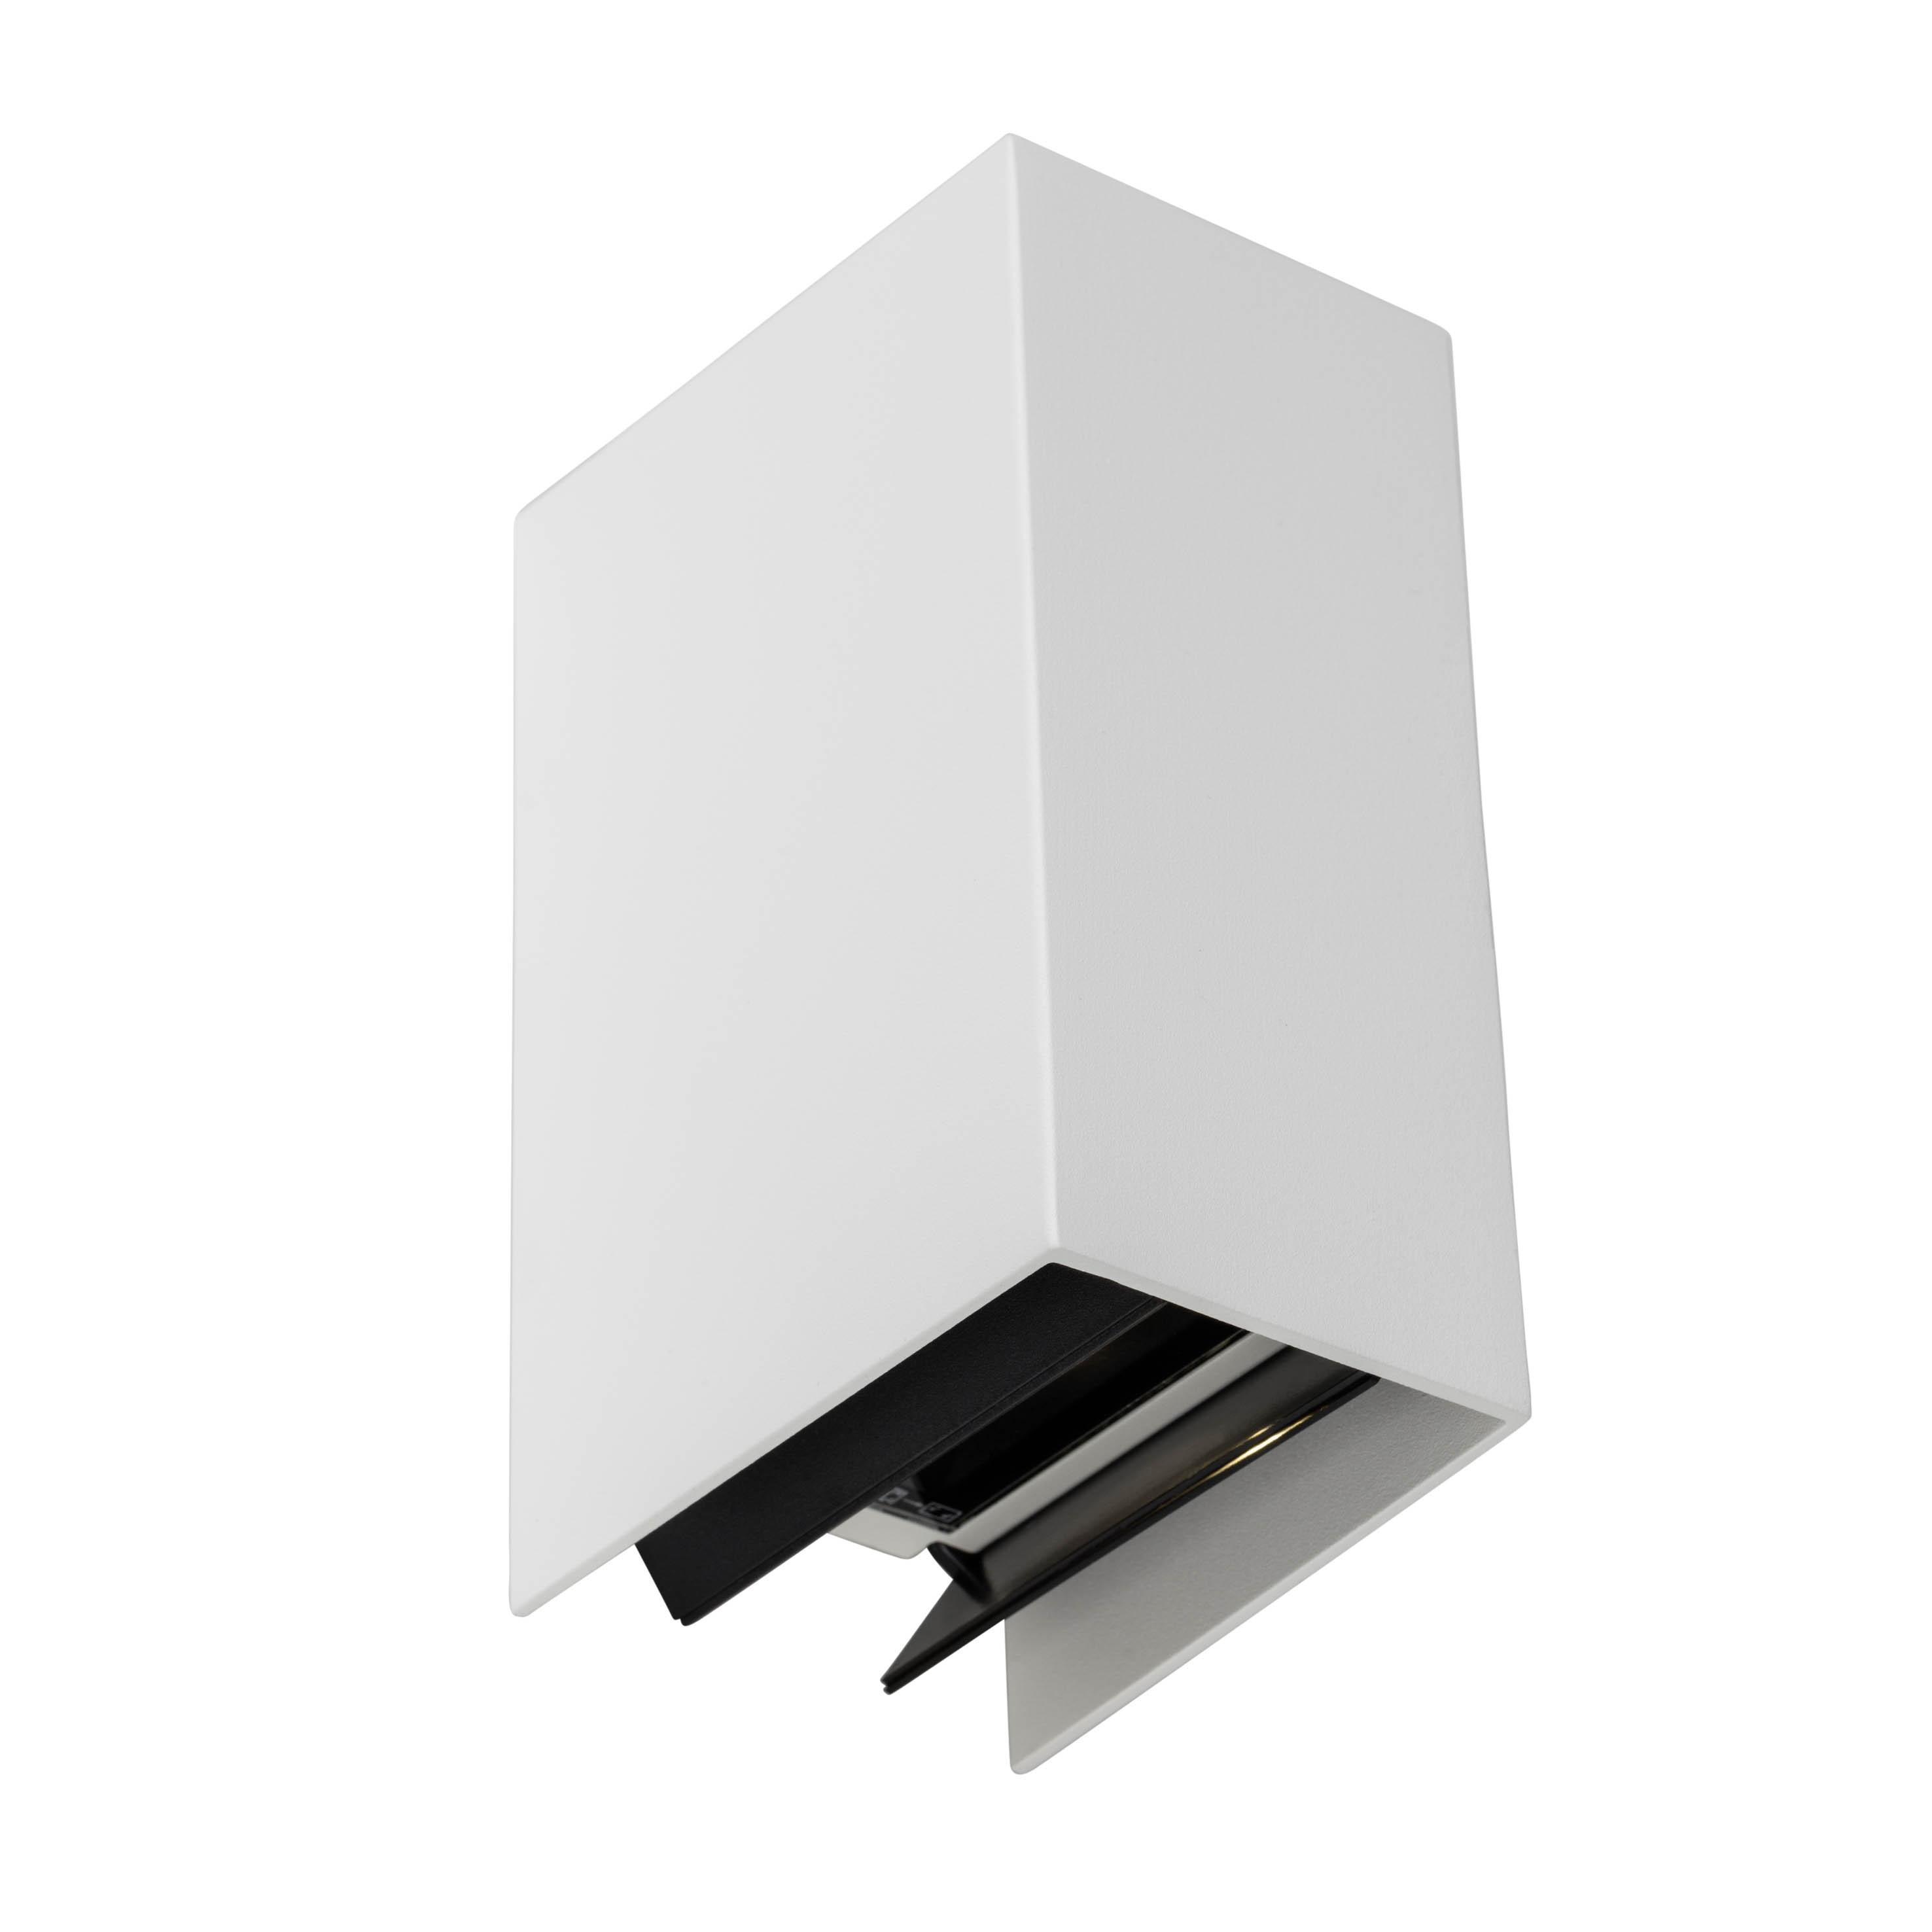 AEG Adapt LED Außenwandleuchte 2flg weiß